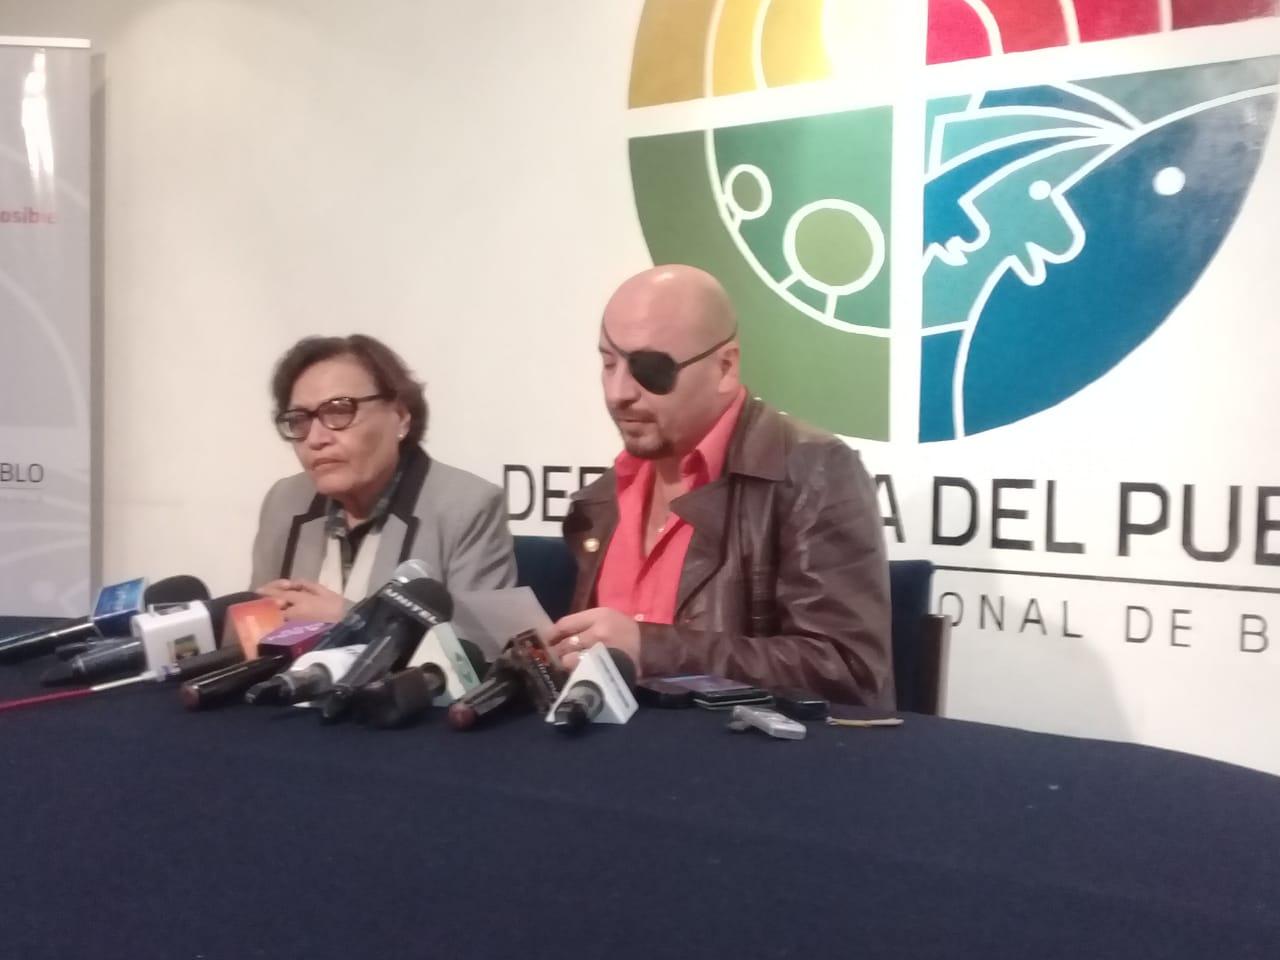 Defensor del Pueblo pide a la UPEA cesar medidas de presión por 72 horas